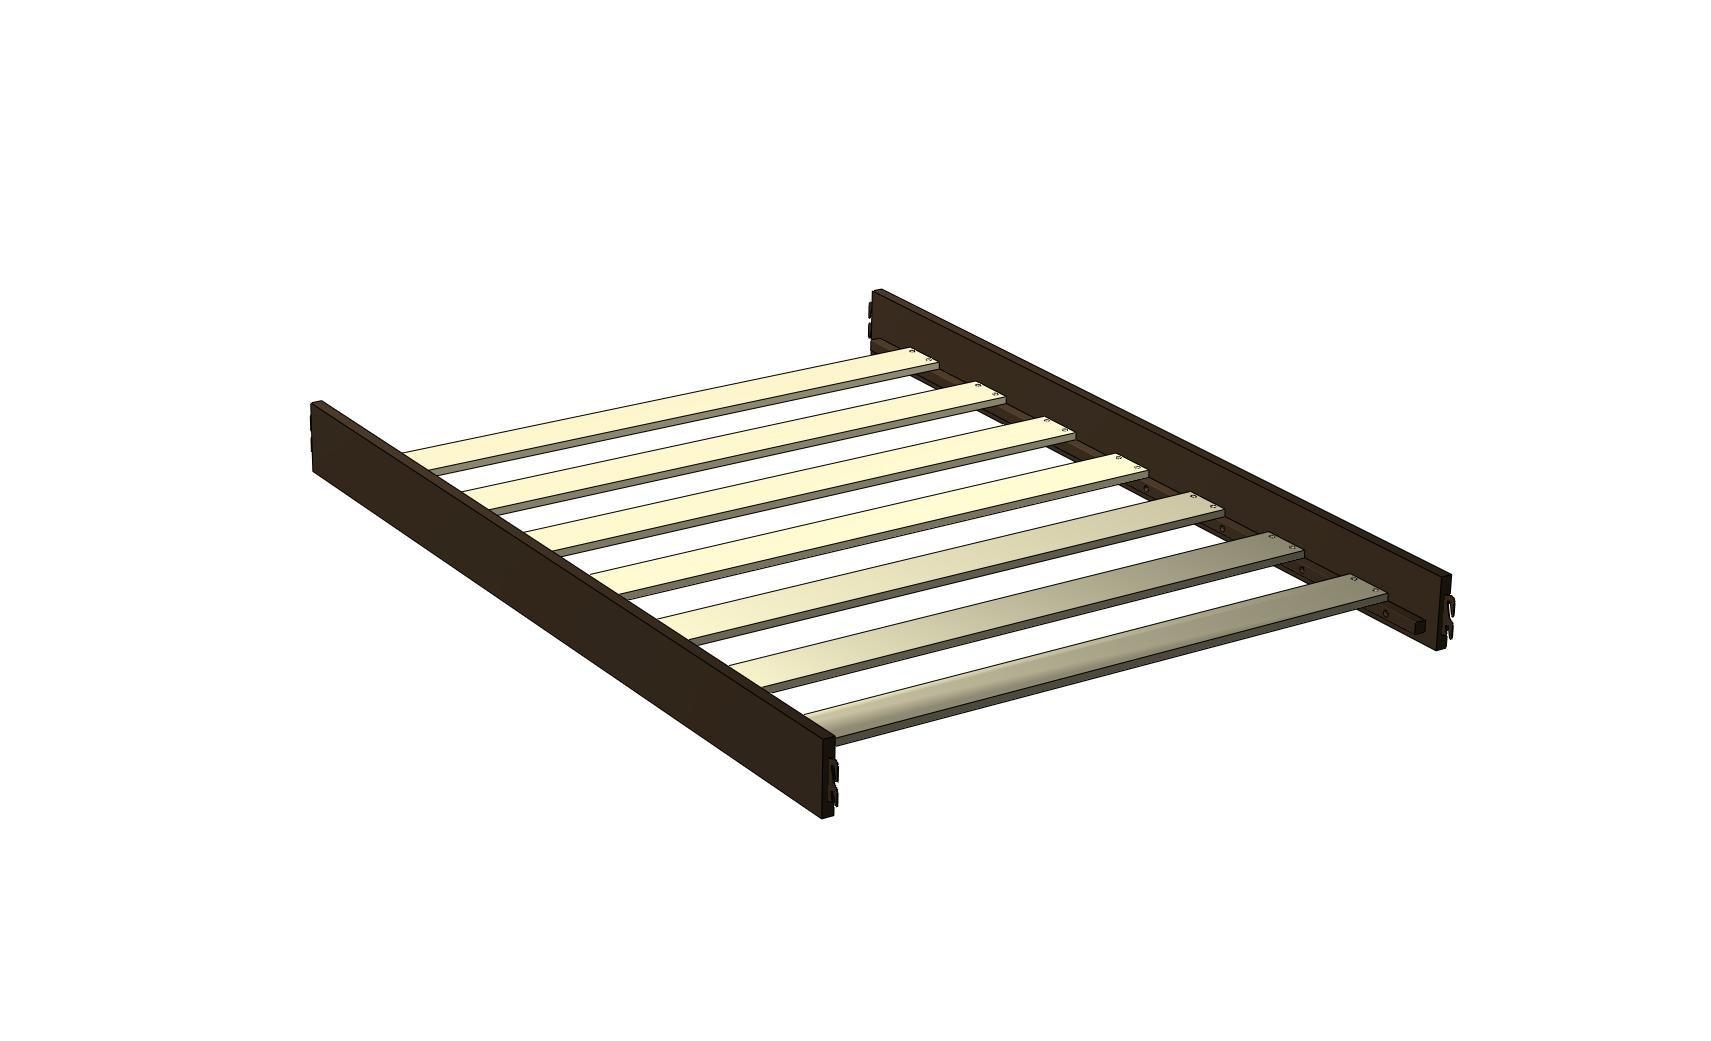 Westwood Design Donnington Platform Bed Rails, Santa Fe